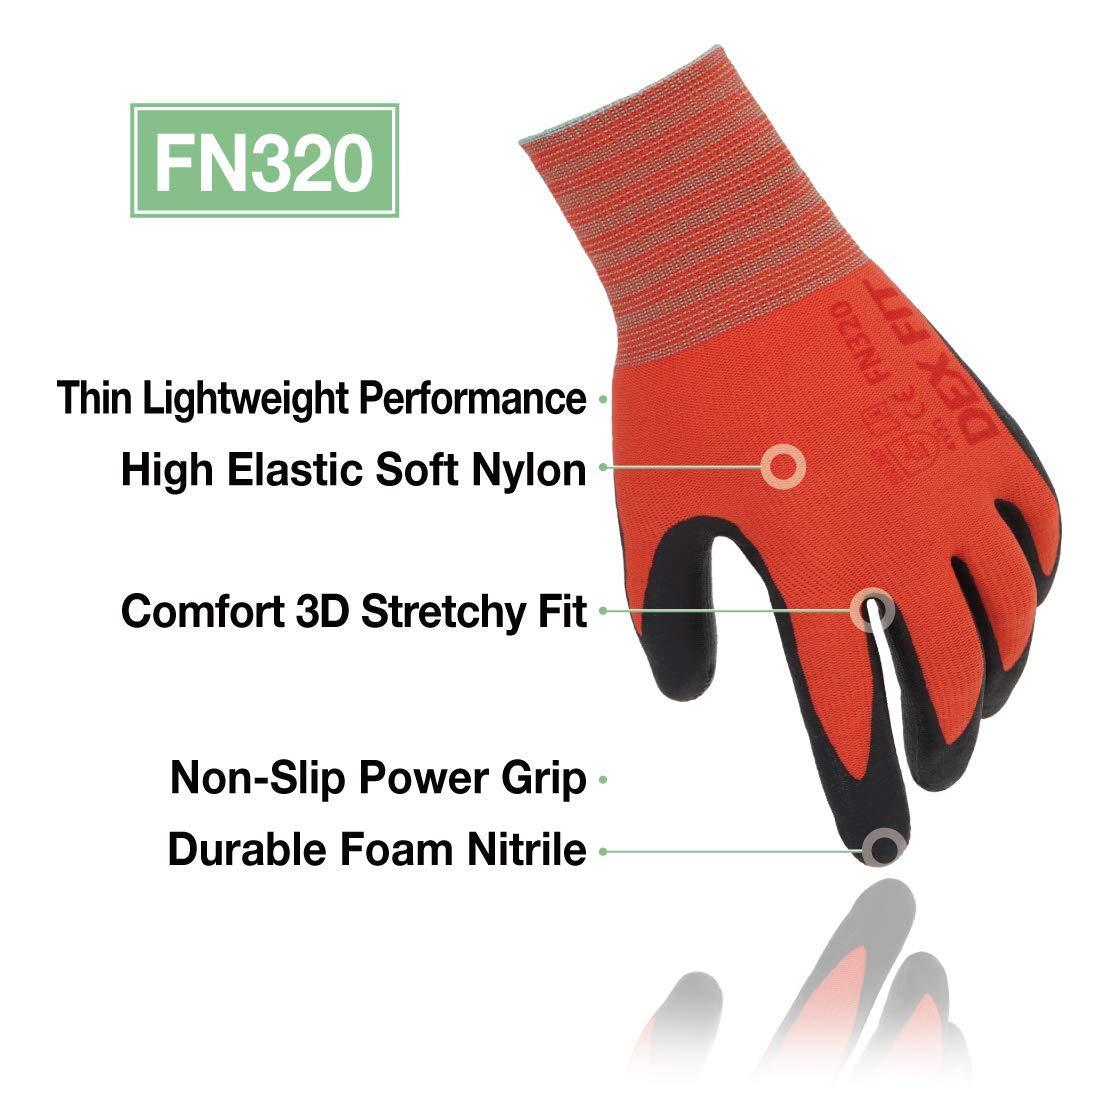 Comfort 3D Stretchy Fit Haut /élastique DEX FIT Gants de jardinage FN320 Rouge Grand 3 Pairs Mince et l/éger Mousse Nitrile Durable Lavable /à la machine Power Grip